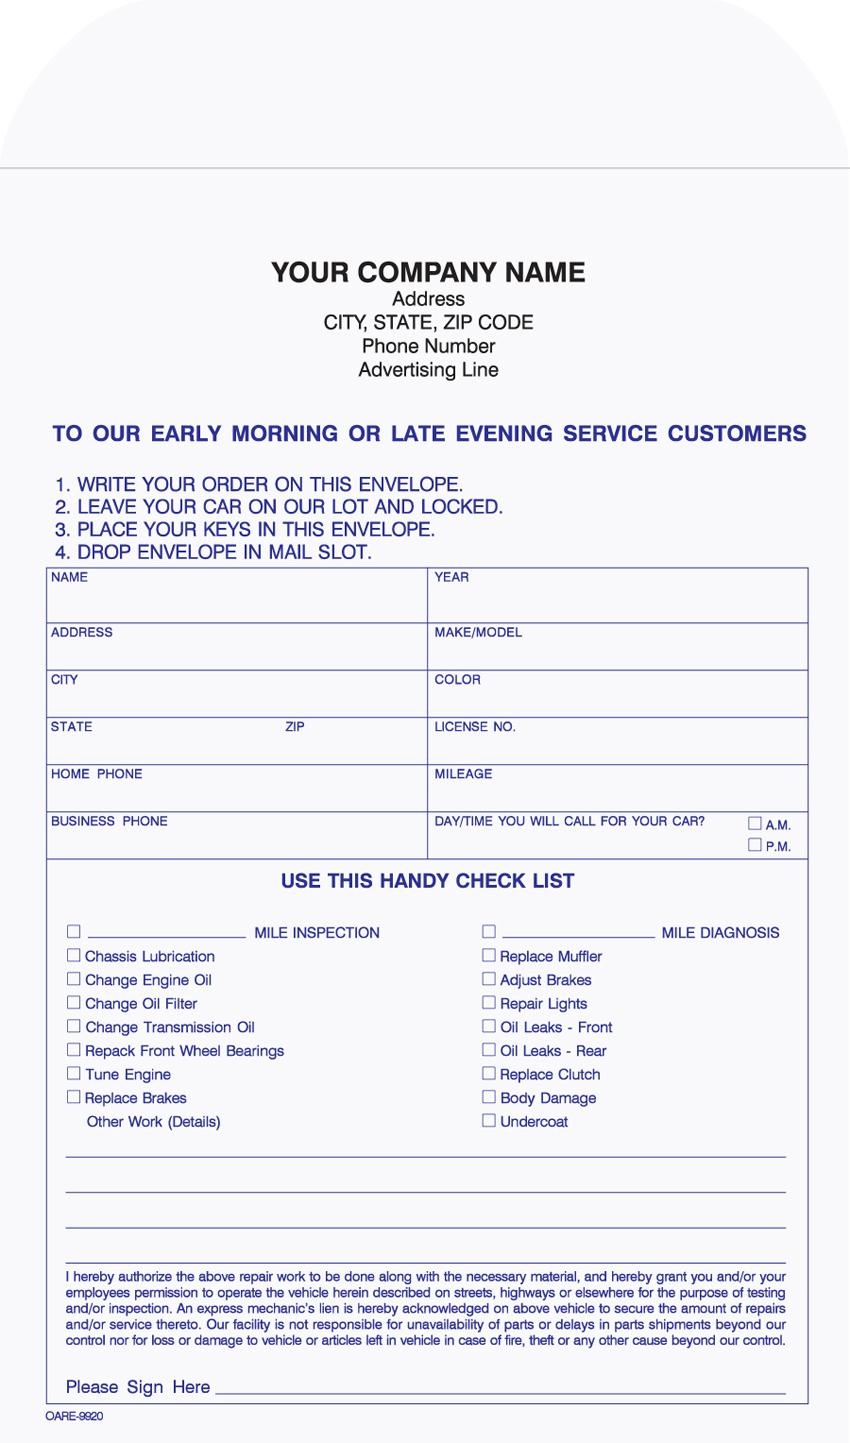 Overnight Auto Repair Envelope